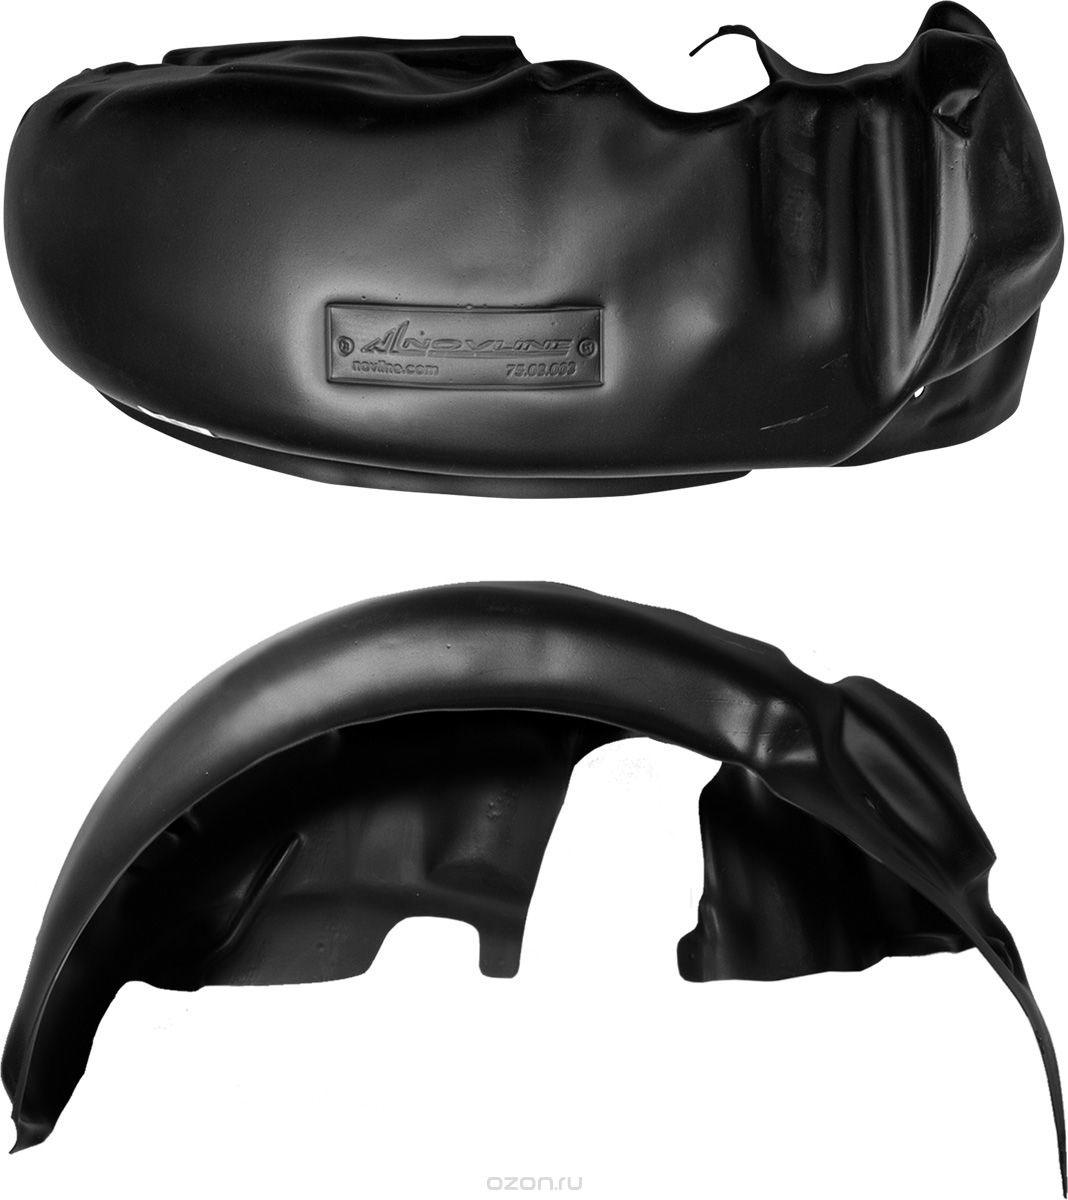 Подкрылок Novline-Autofamily, для Chevrolet Aveo, T250, 2004->, седан, передний левыйNLL.08.10.001Идеальная защита колесной ниши. Локеры разработаны с применением цифровых технологий, гарантируют максимальную повторяемость поверхности арки. Изделия устанавливаются без нарушения лакокрасочного покрытия автомобиля, каждый подкрылок комплектуется крепежом. Уважаемые клиенты, обращаем ваше внимание, что фотографии на подкрылки универсальные и не отражают реальную форму изделия. При этом само изделие идет точно под размер указанного автомобиля.